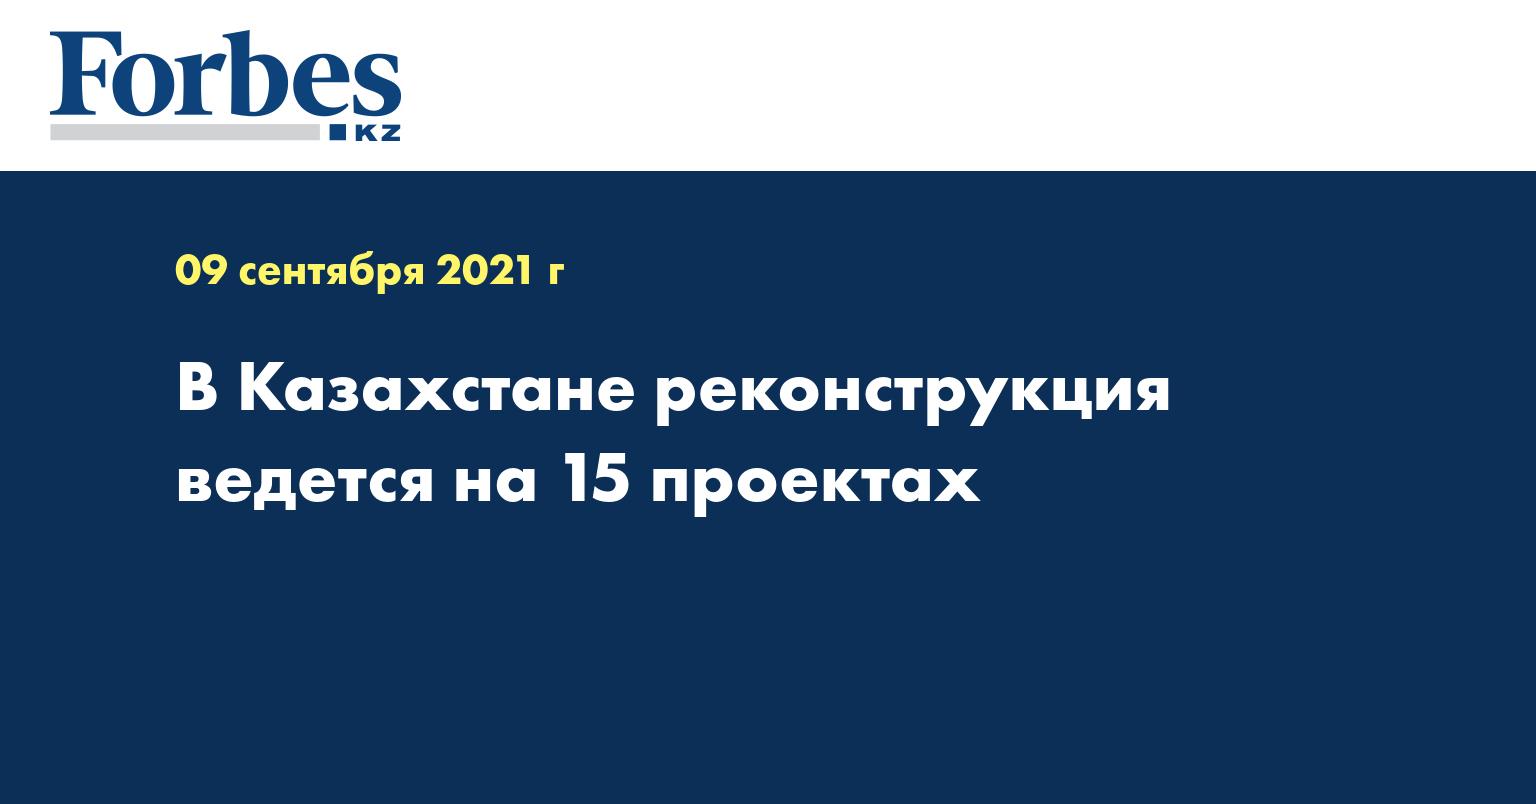 В Казахстане реконструкция ведется на 15 проектах